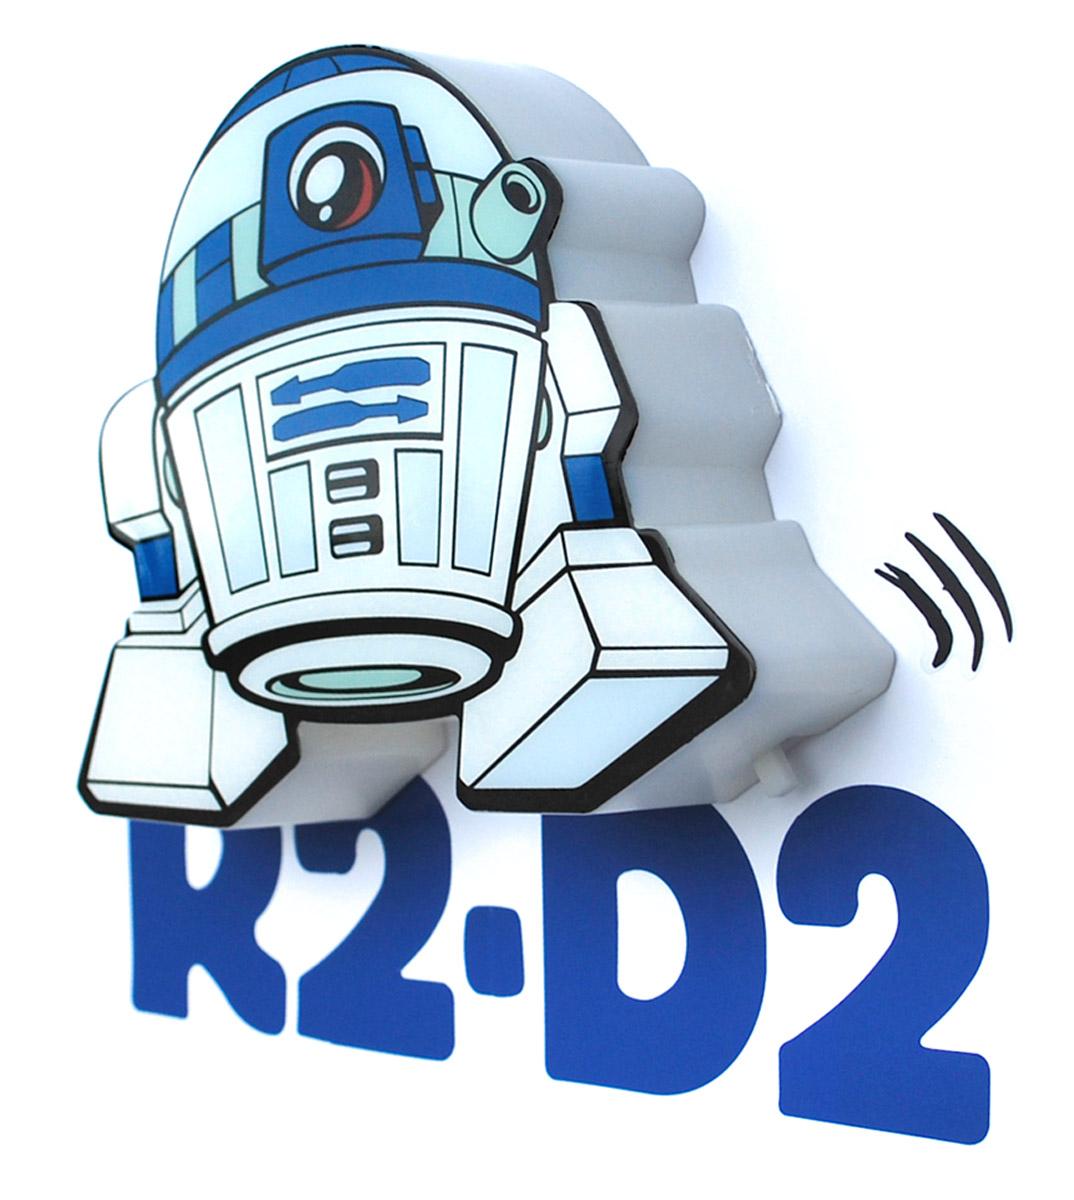 Star Wars Пробивной 3D мини-светильник R2-D250017120Пробивной 3D мини-светильник Star Wars R2-D2 обязательно понравится вашему ребенку.Особенности:Безопасный: без проводов, работает от батареек (2хААА, не входят в комплект);Не нагревается: всегда можно дотронуться до изделия;Реалистичный: 3D наклейка в комплекте;Фантастический: выглядит превосходно в любое время суток; Удобный: простая установка (автоматическое выключение через полчаса непрерывной работы).Товар предназначен для детей старше 3 лет. ВНИМАНИЕ! Содержит мелкие детали, использовать под непосредственным наблюдением взрослых.